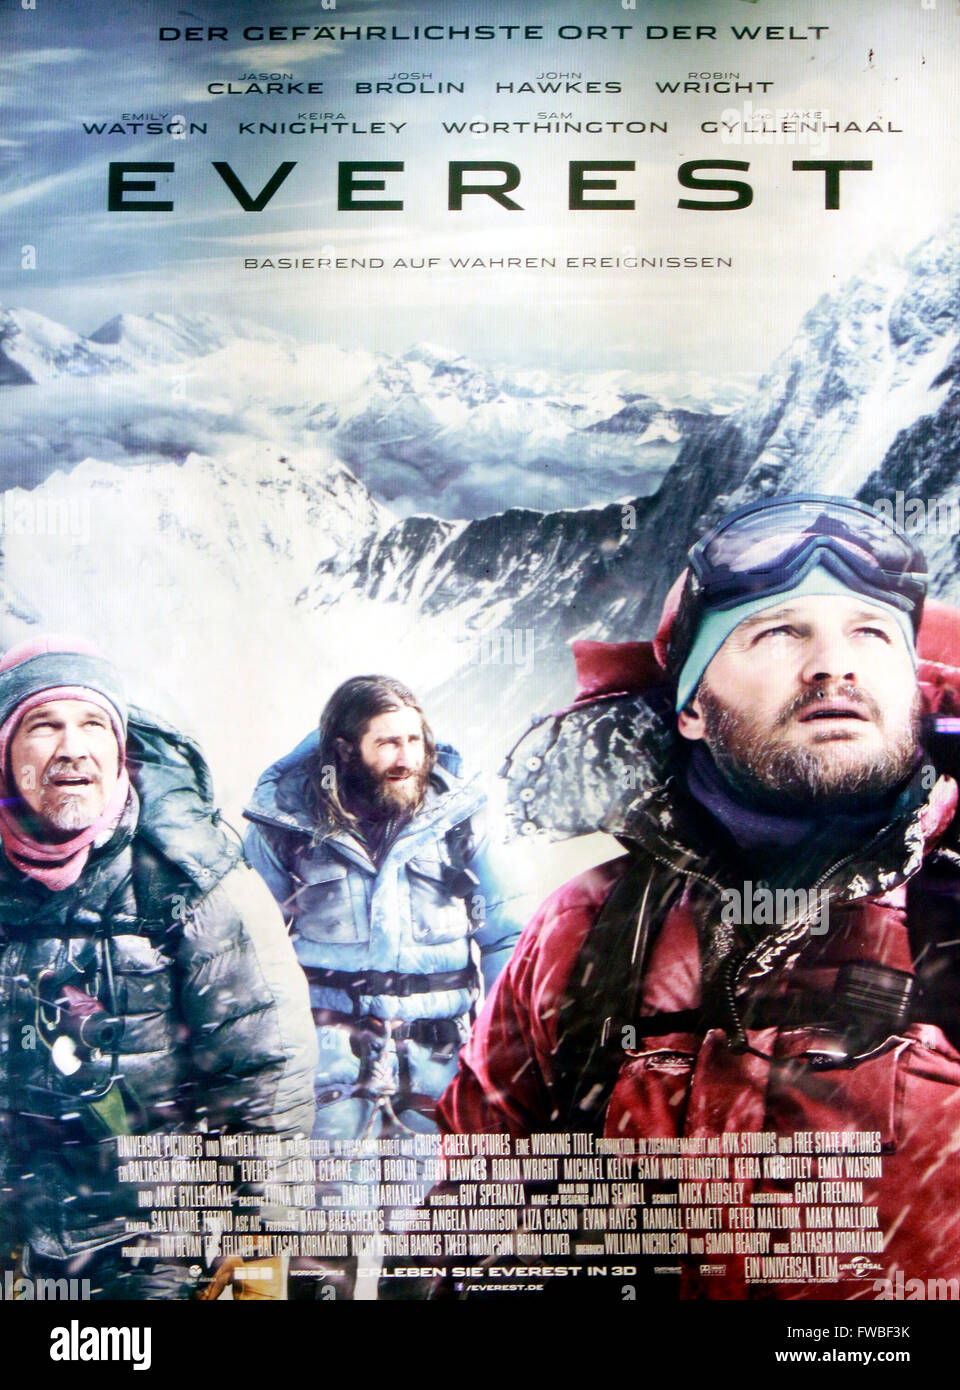 Werbung fuer den Spielfilm 'Everest', Berlin. - Stock Image